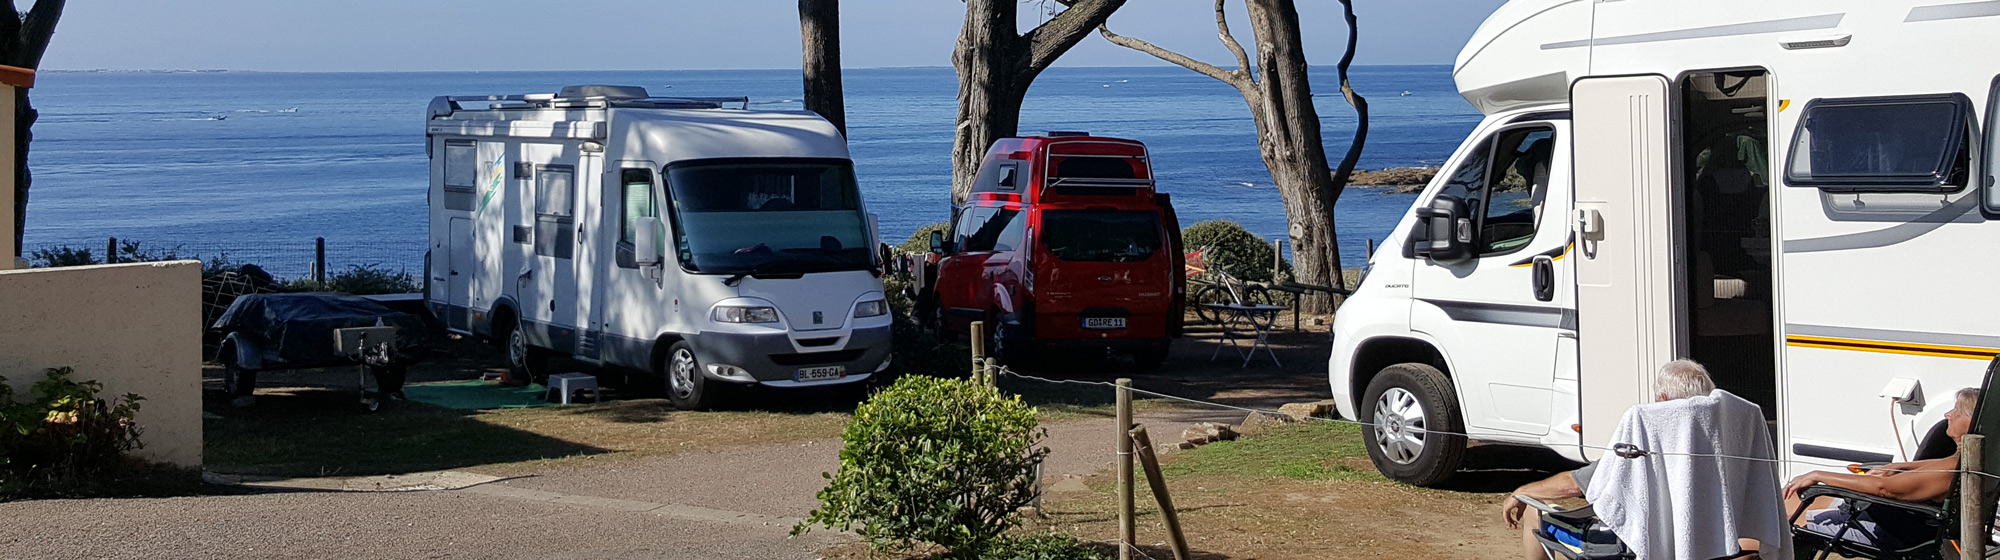 Emplacement camping car Camping sur la Pointe Préfailles